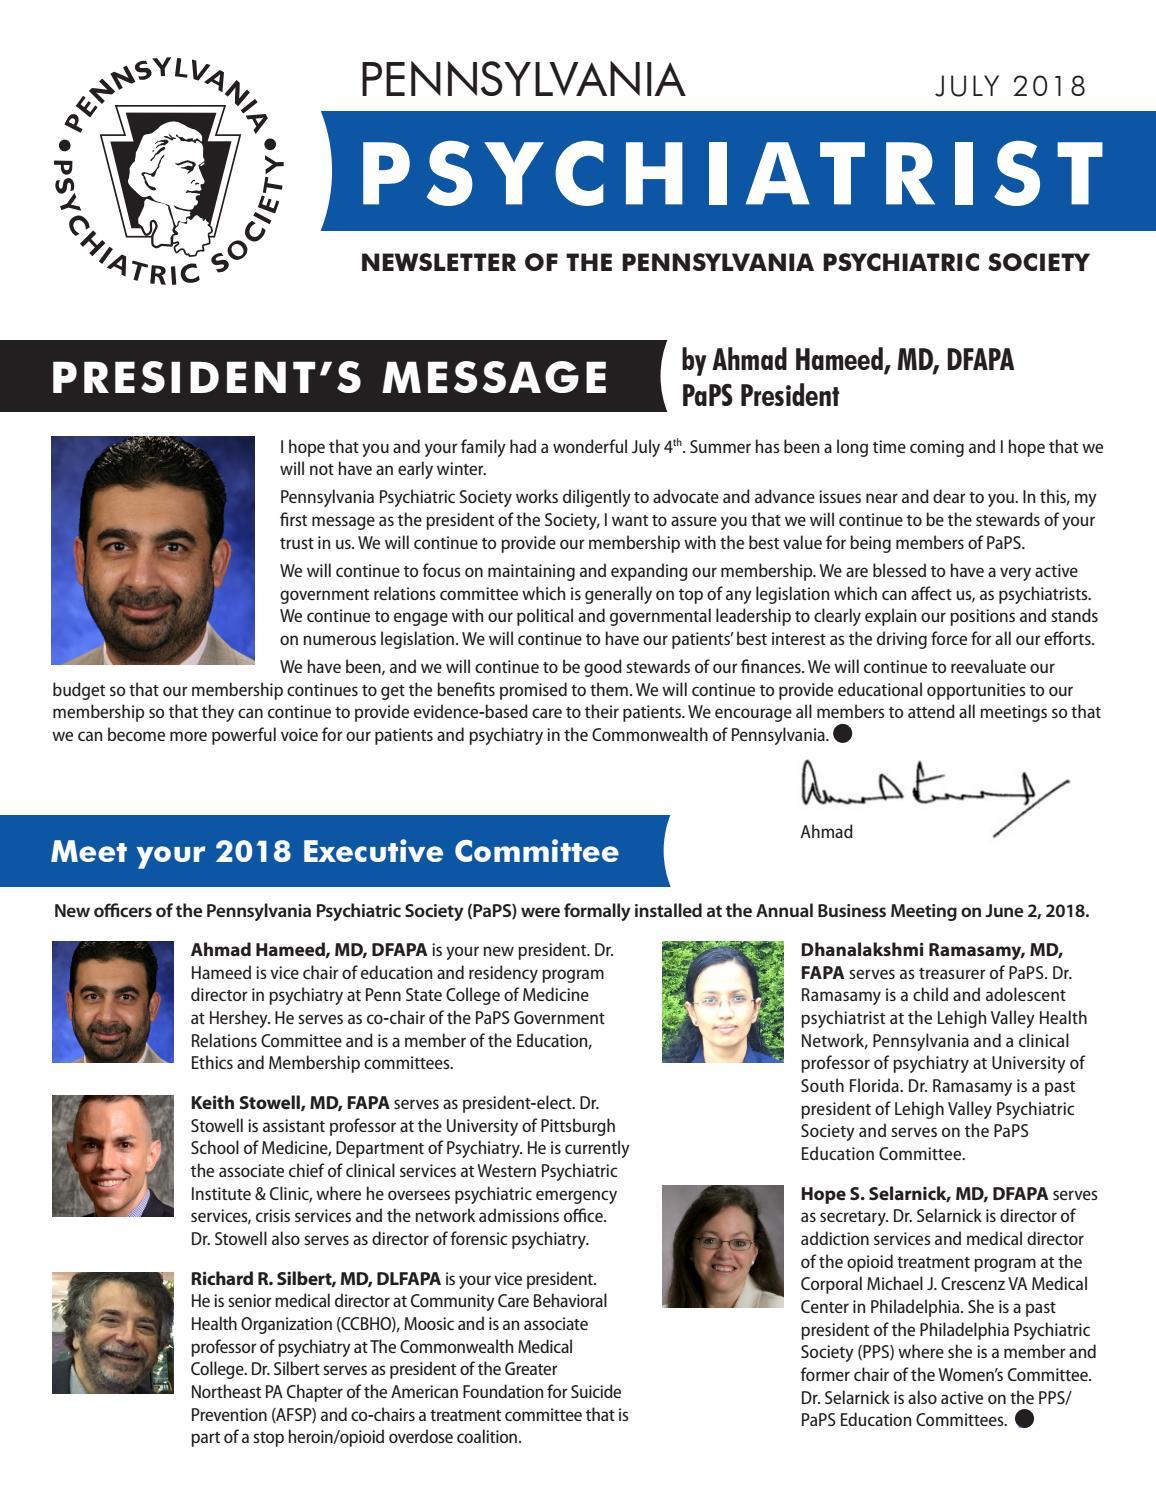 Pennsylvania Psychiatrist July 2018 by SSMS - issuu